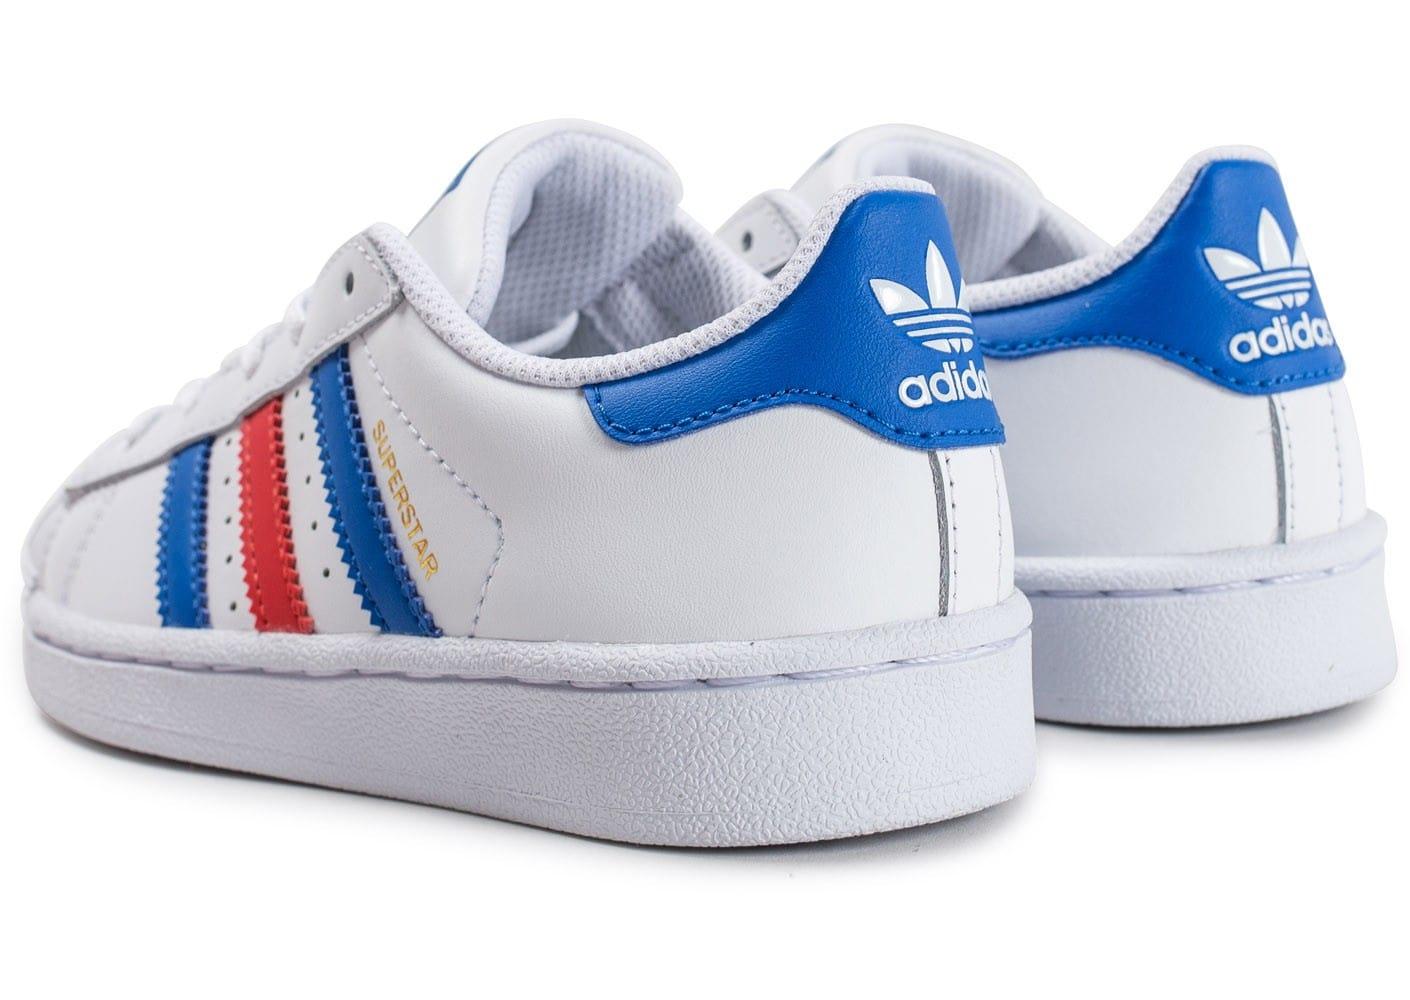 adidas superstar bande bleu blanc rouge